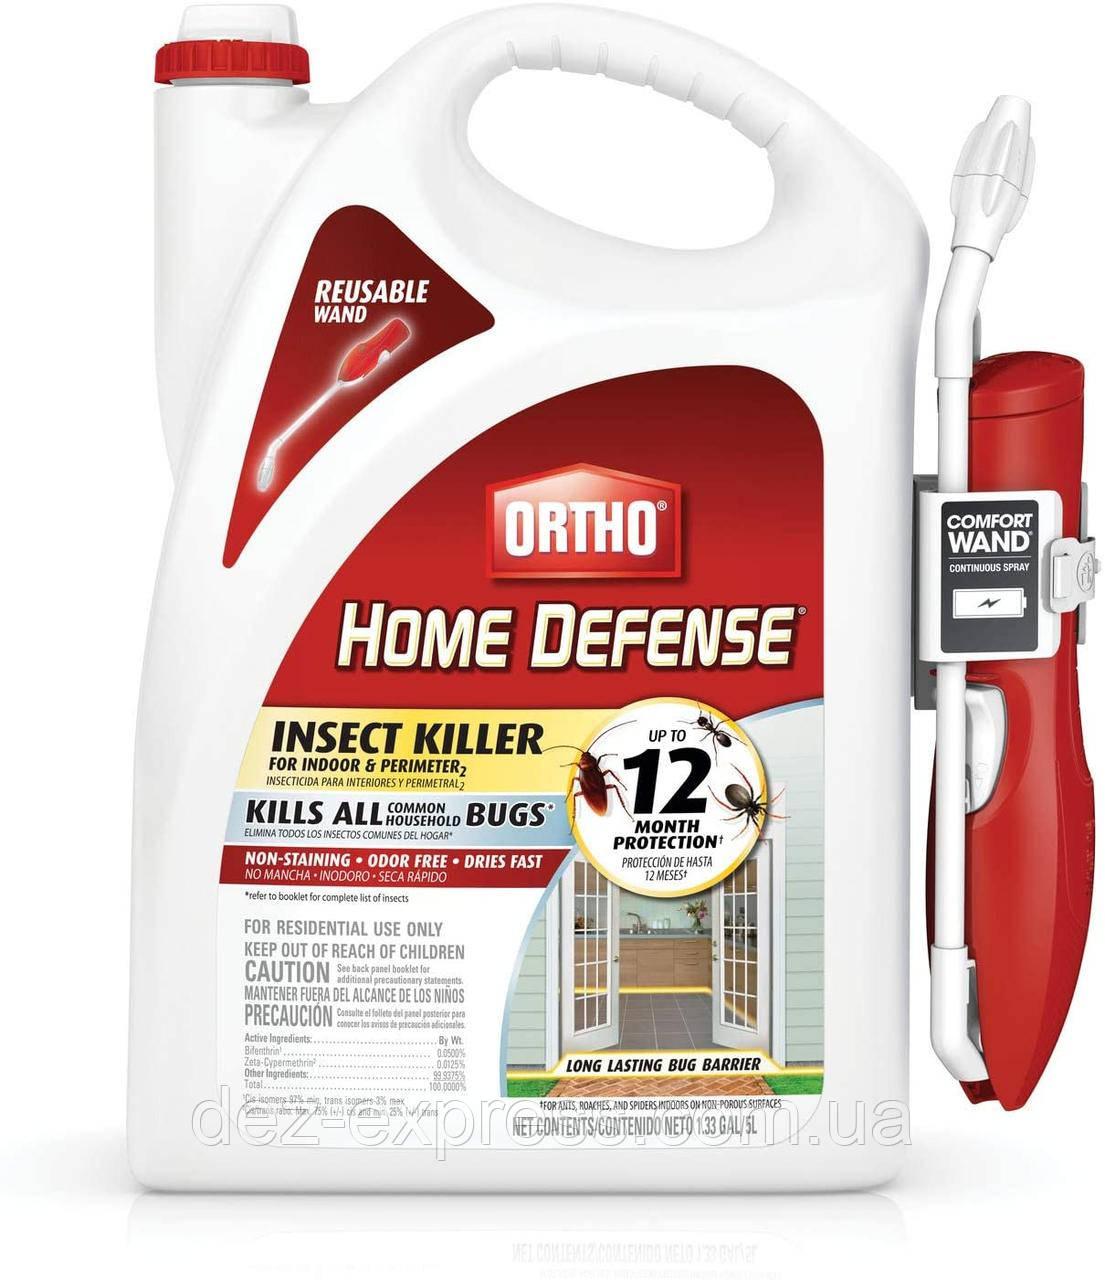 Защита дома и периметраот Всех насекомых. Ortho Home Defense Insect Killer от клещей, блох, муравьев